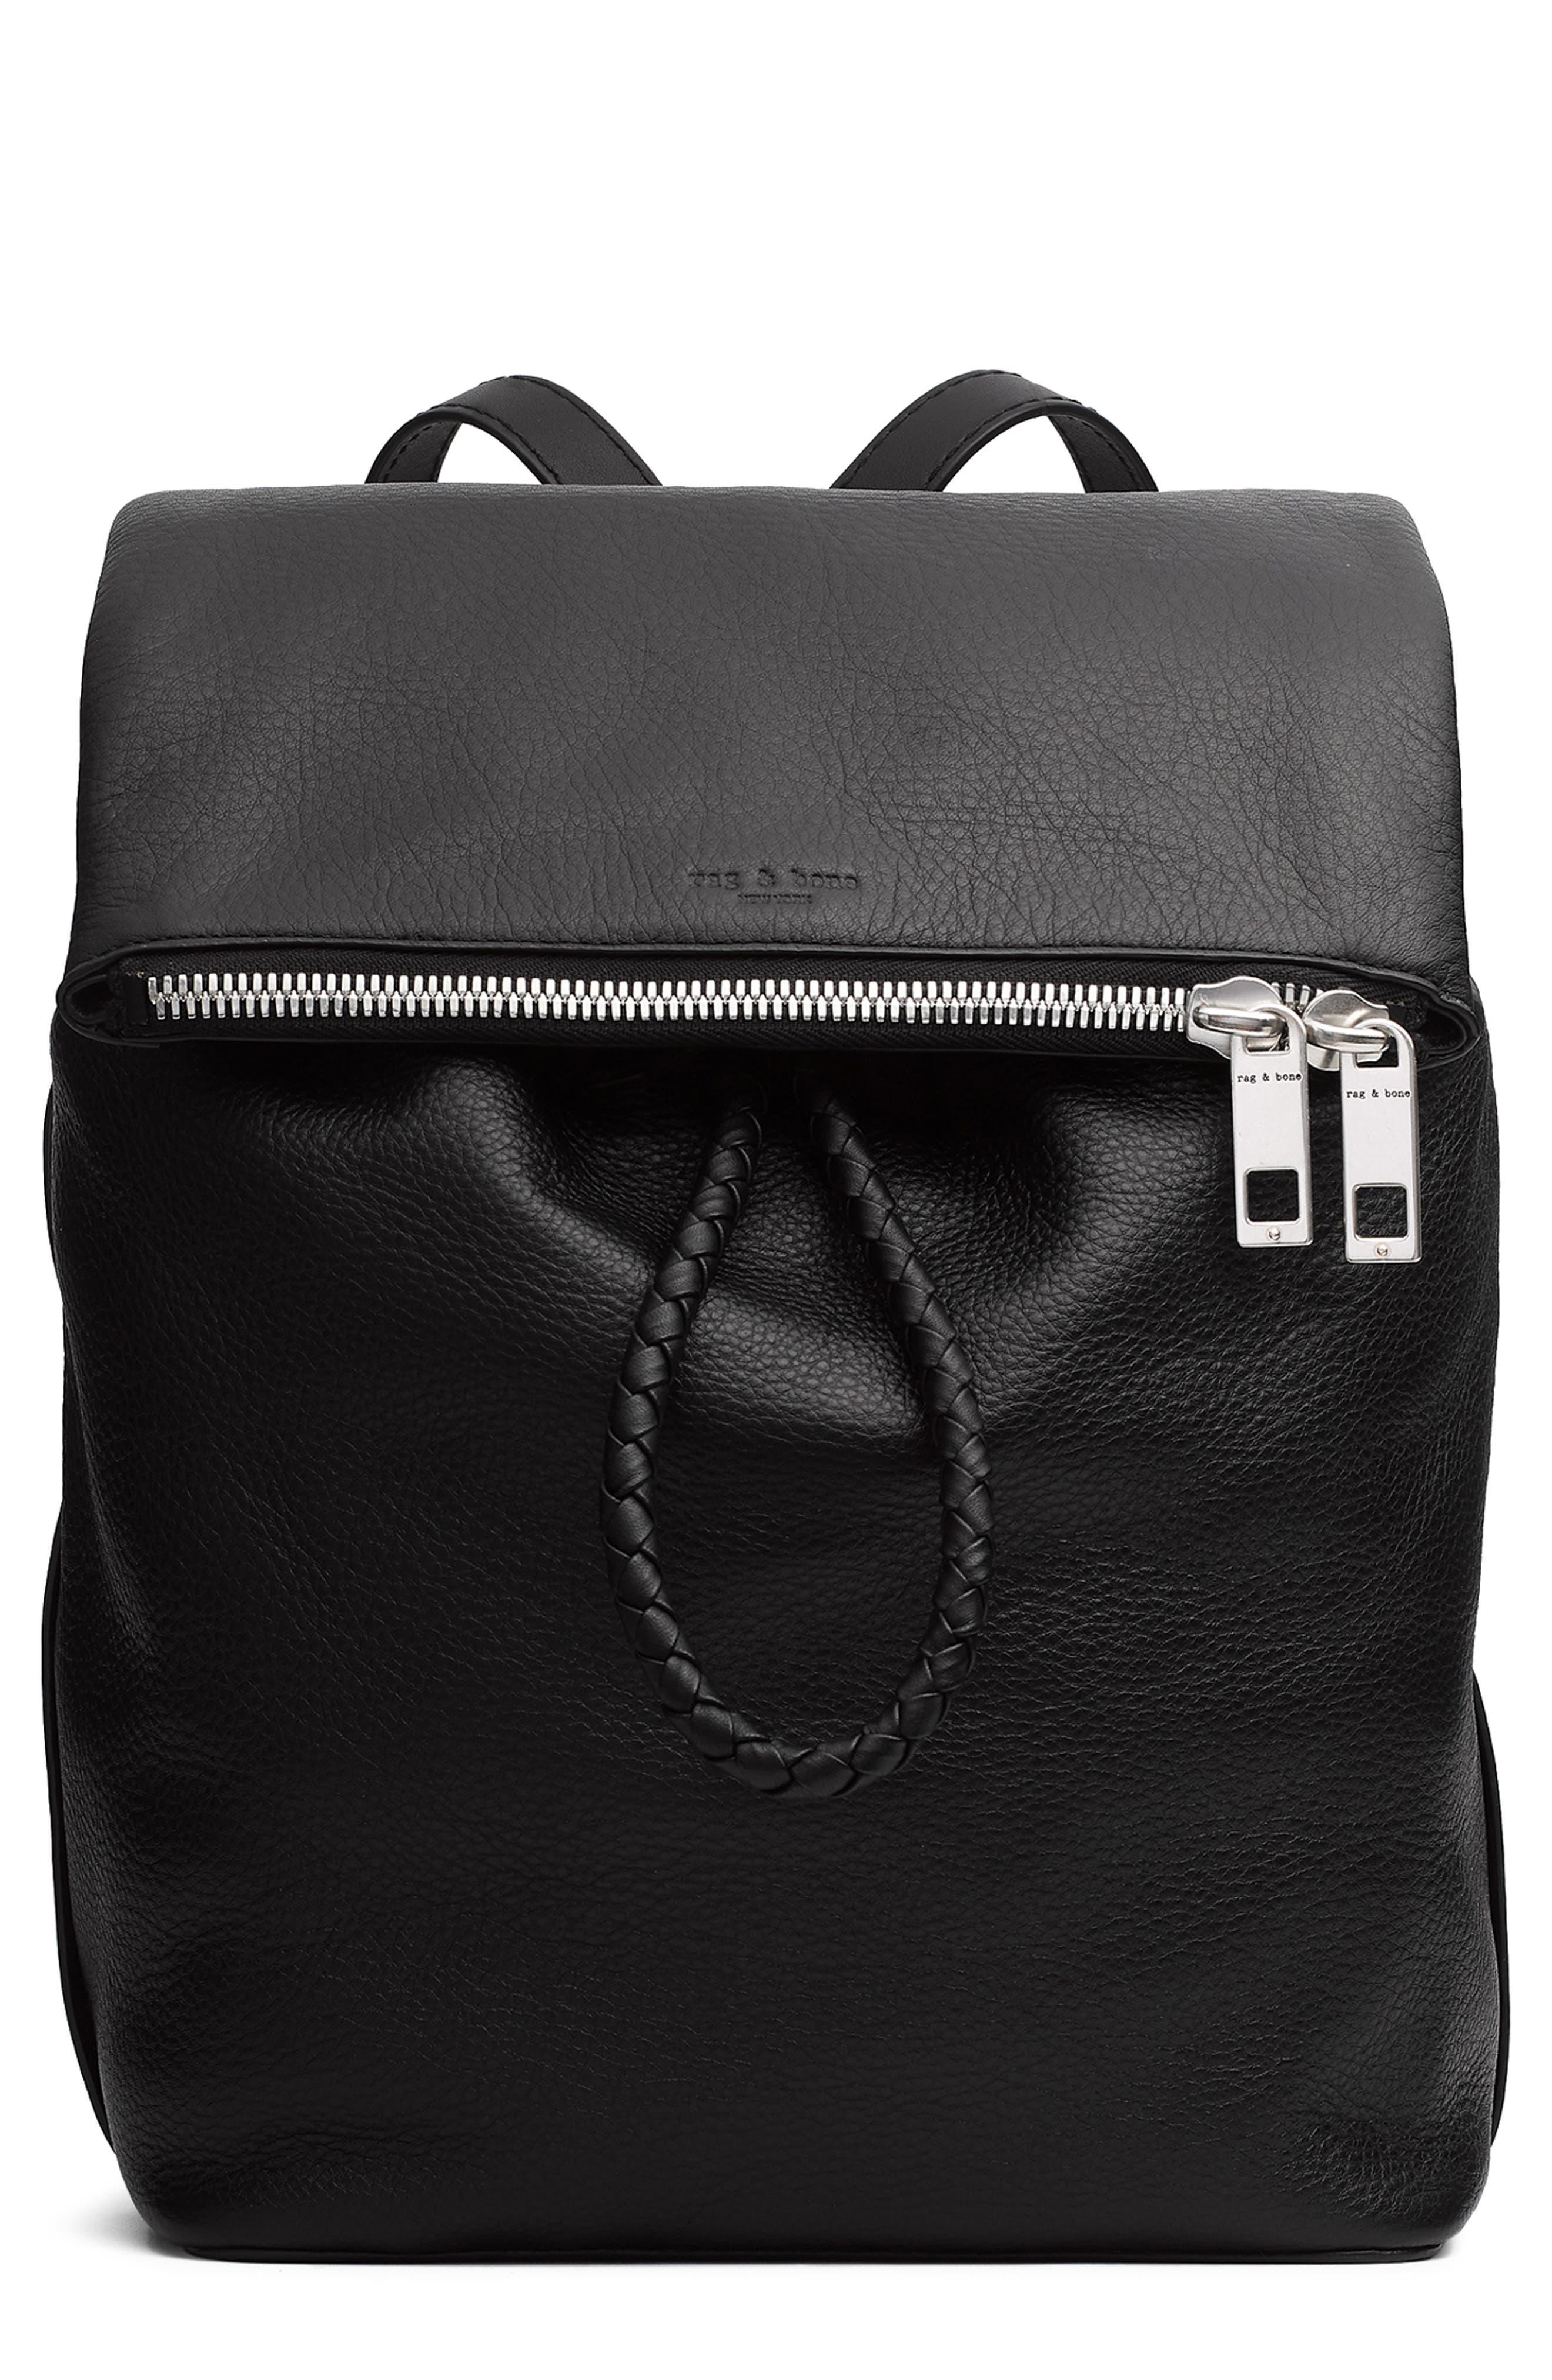 RAG & BONE Loner Leather Backpack, Main, color, BLACK